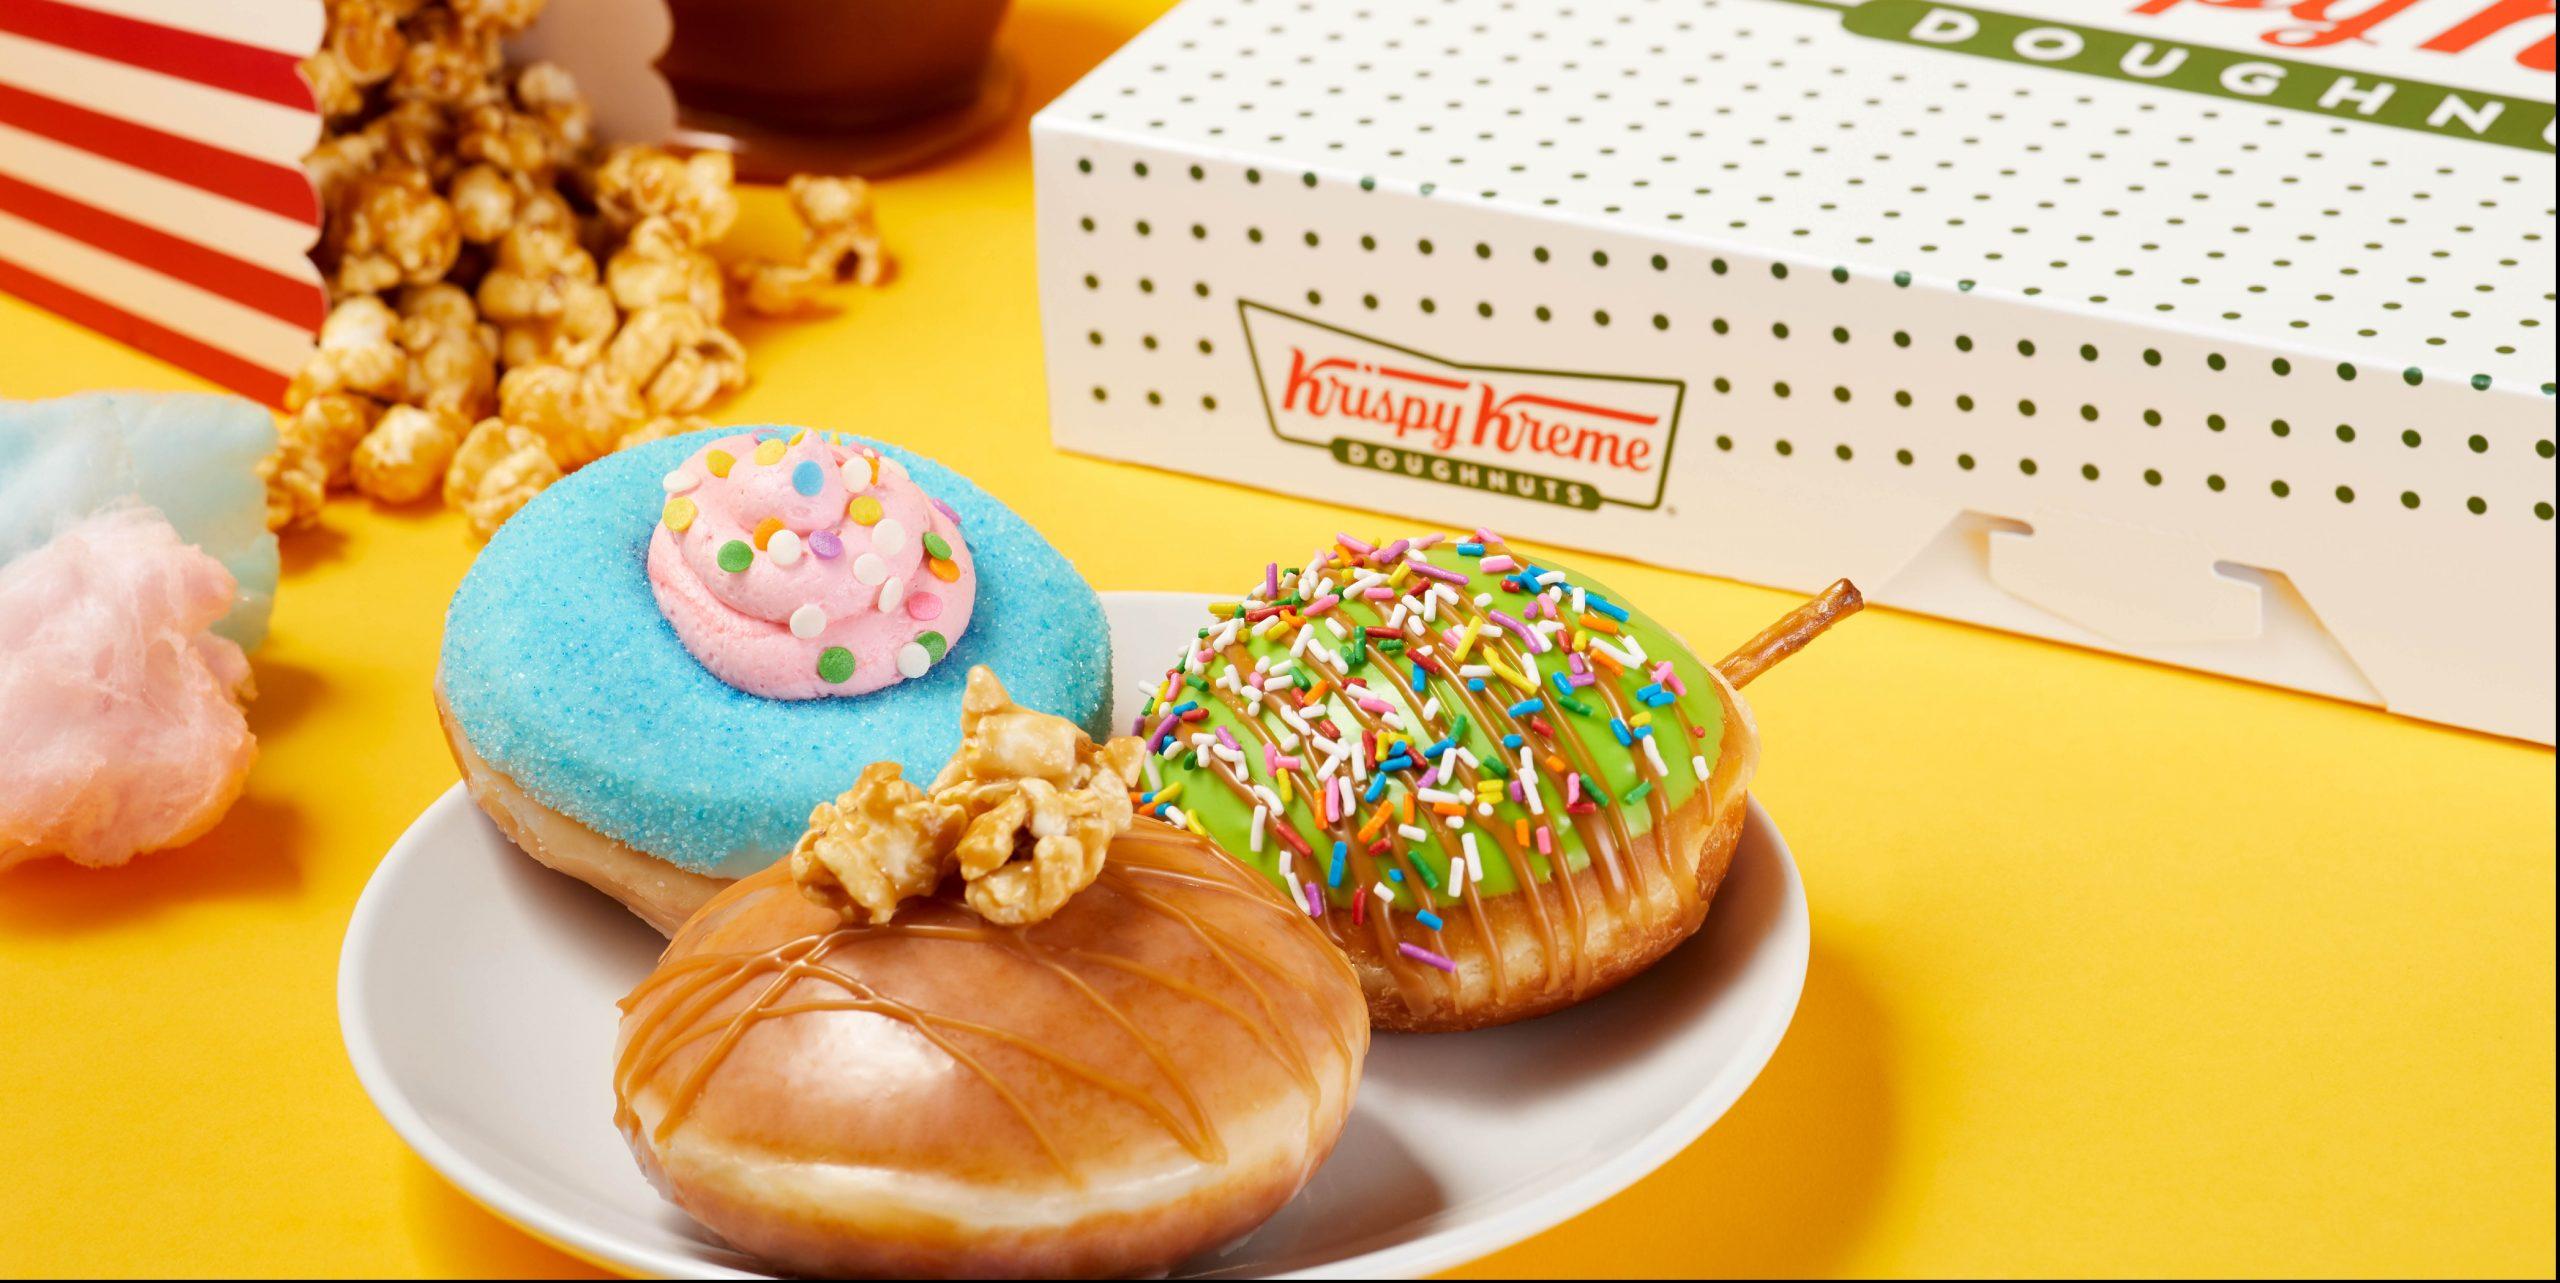 Krispy Kreme's Has New Carnival Donuts | Delish